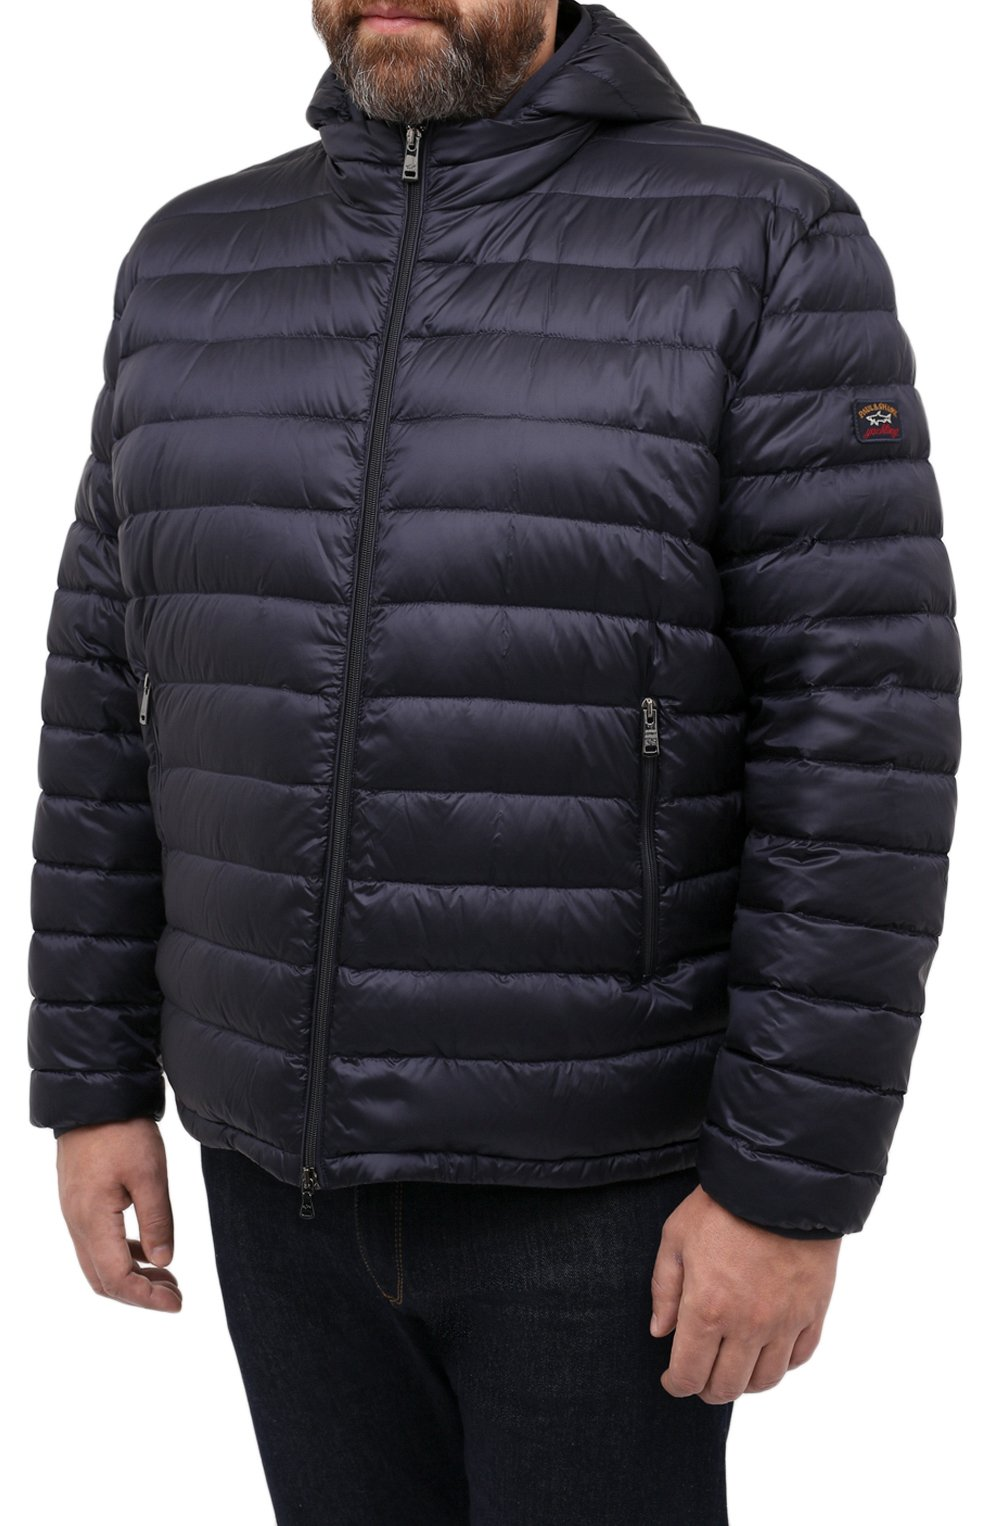 Мужская пуховая куртка PAUL&SHARK синего цвета, арт. C0P2008/GTX/3XL-6XL | Фото 3 (Кросс-КТ: Куртка, Пуховик; Мужское Кросс-КТ: пуховик-короткий, Пуховик-верхняя одежда, Верхняя одежда; Рукава: Длинные; Материал внешний: Синтетический материал; Материал подклада: Синтетический материал; Длина (верхняя одежда): Короткие; Материал утеплителя: Пух и перо; Стили: Кэжуэл)